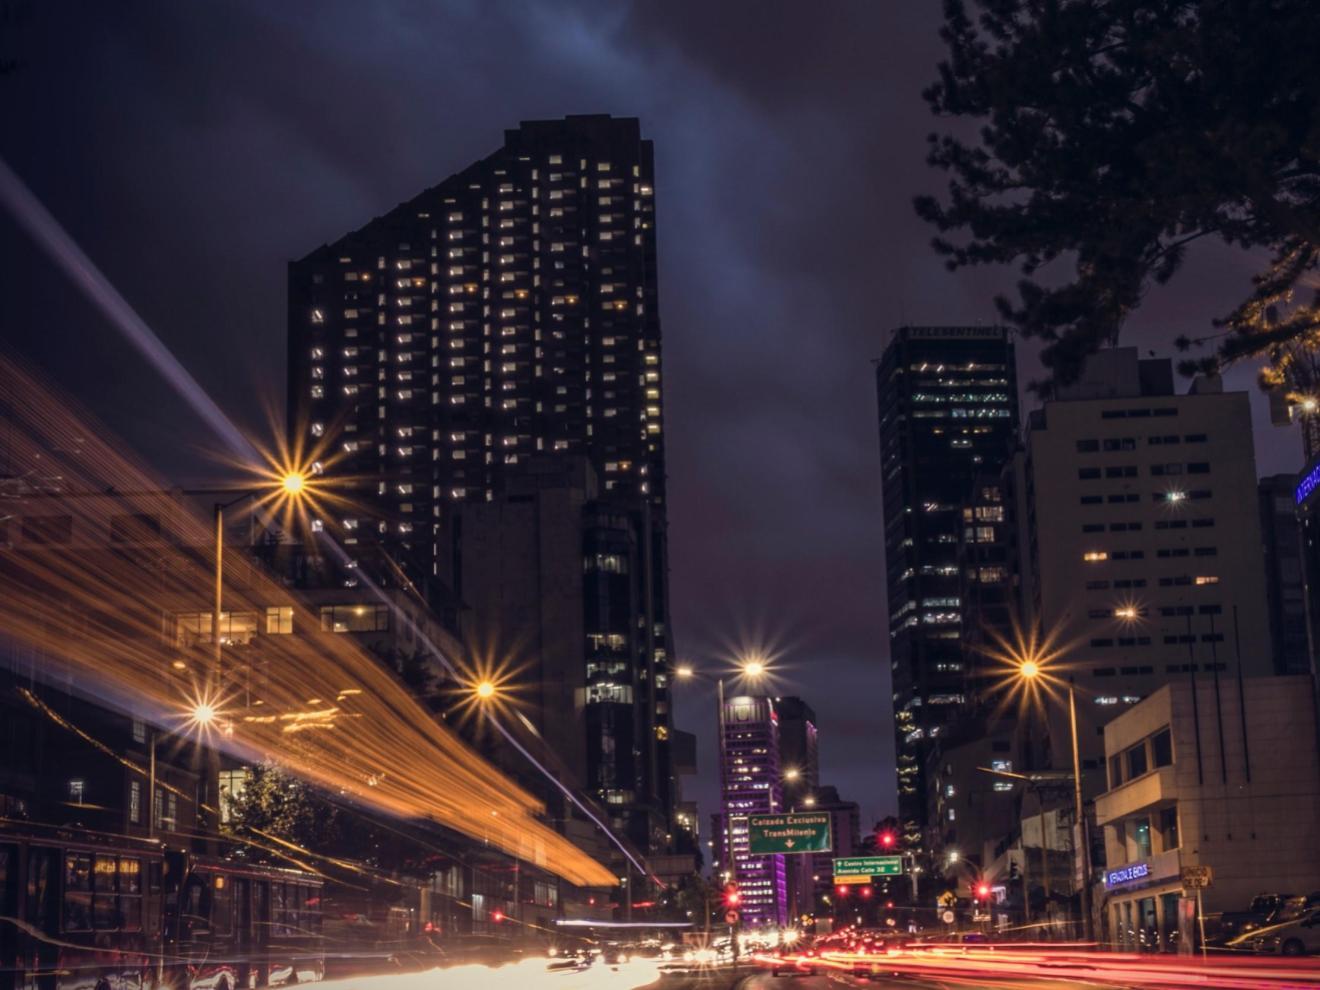 Bogotá at night